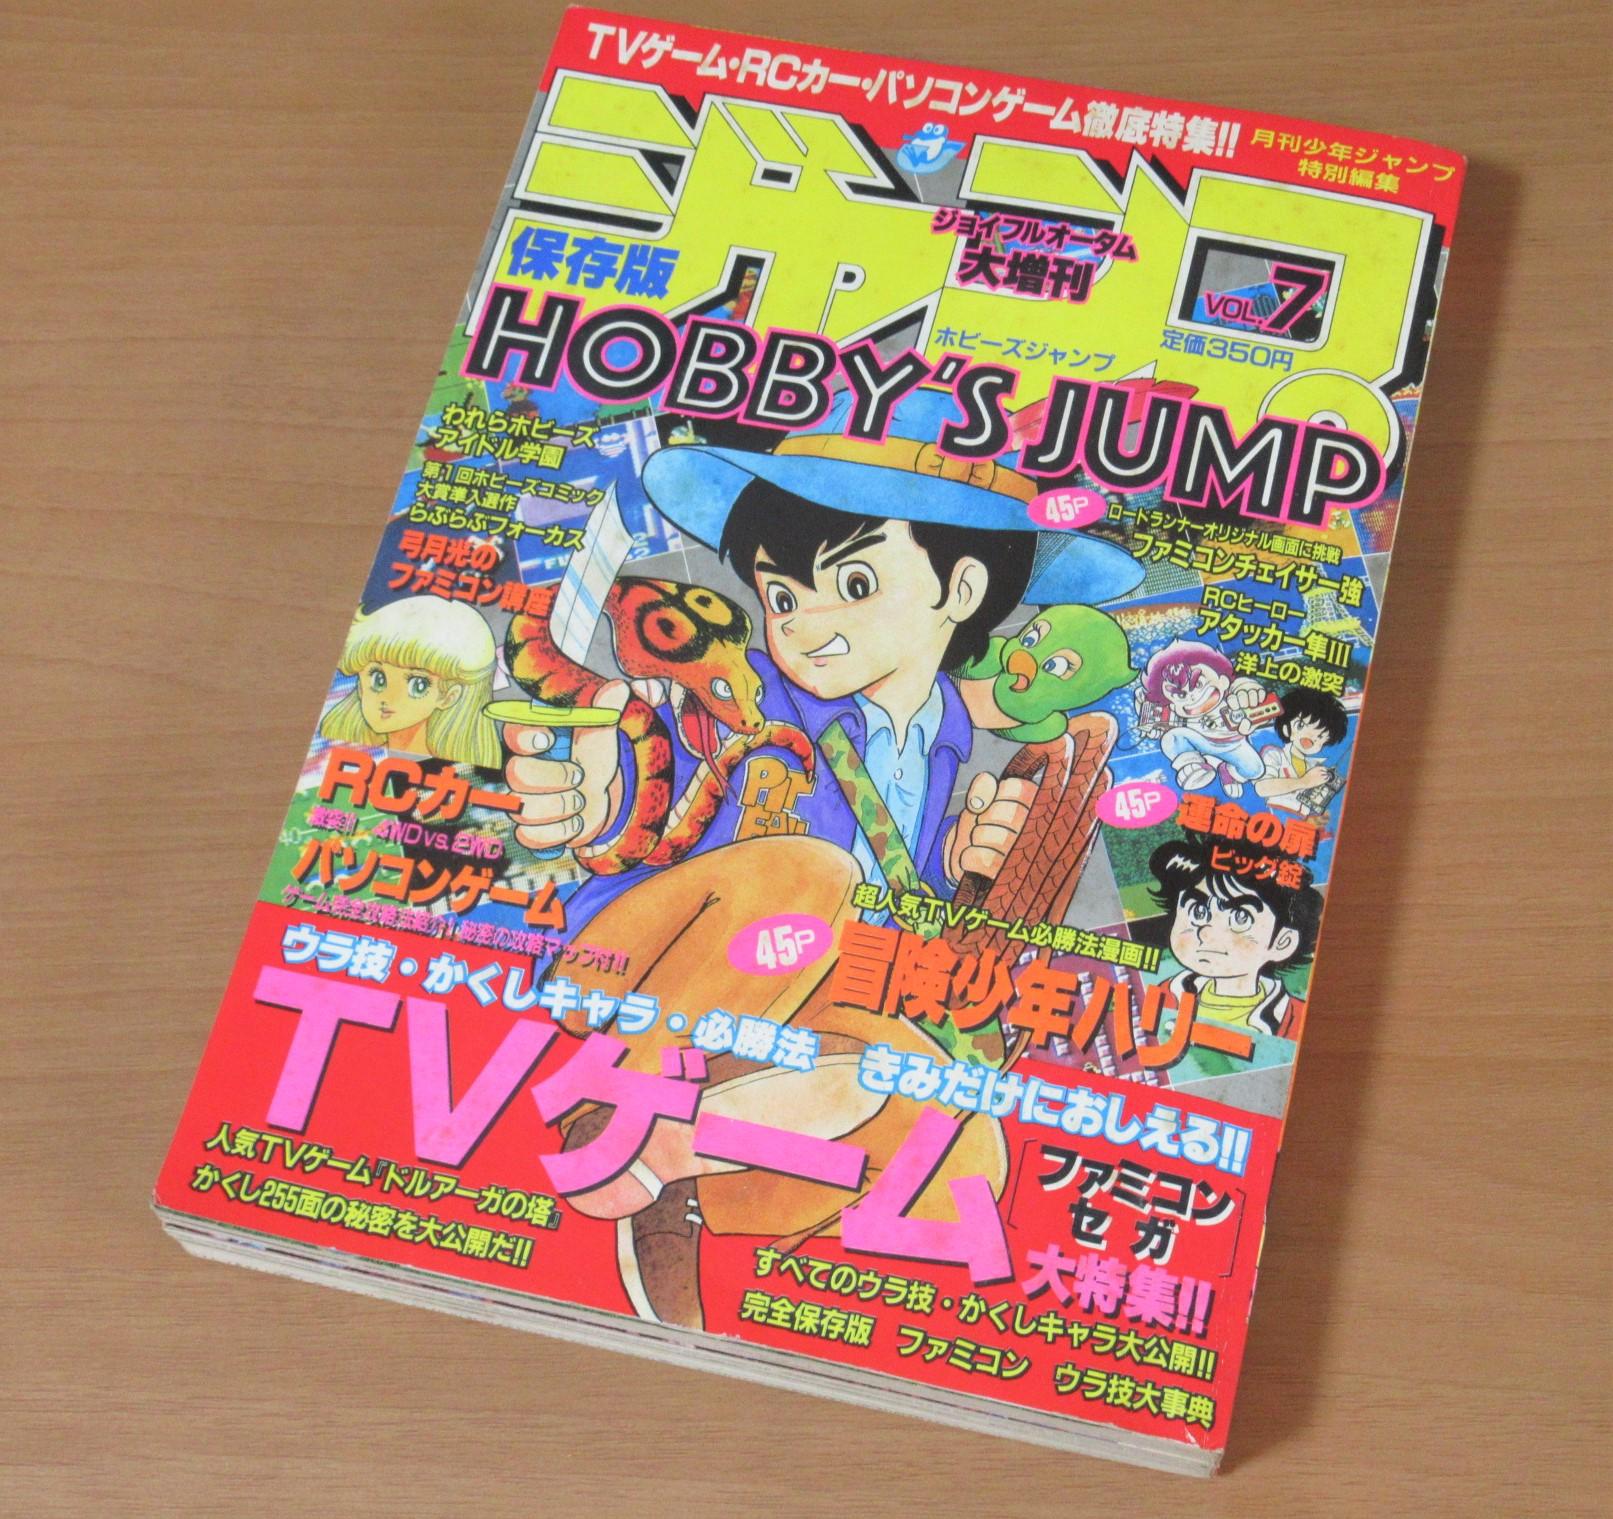 ホビーズジャンプ 買取 HOBBY'S JUMP VOL.7 昭和60年 ジョイフルオータム 大増刊 TVゲーム ファミコン 冒険少年ハリー 運命の扉